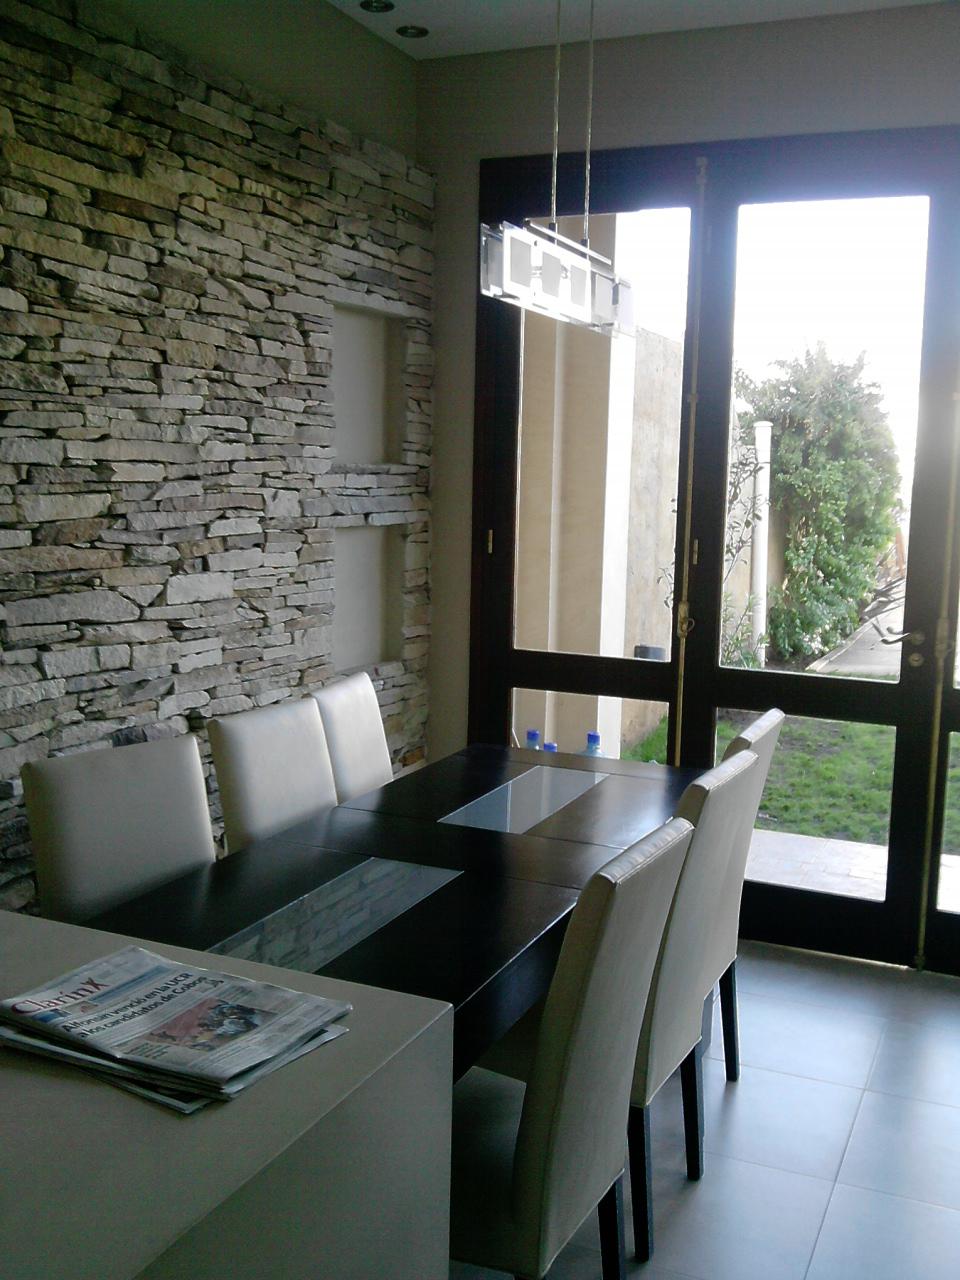 Arquitectura dise o cocina comedor espacio integrado for Diseno cocina comedor